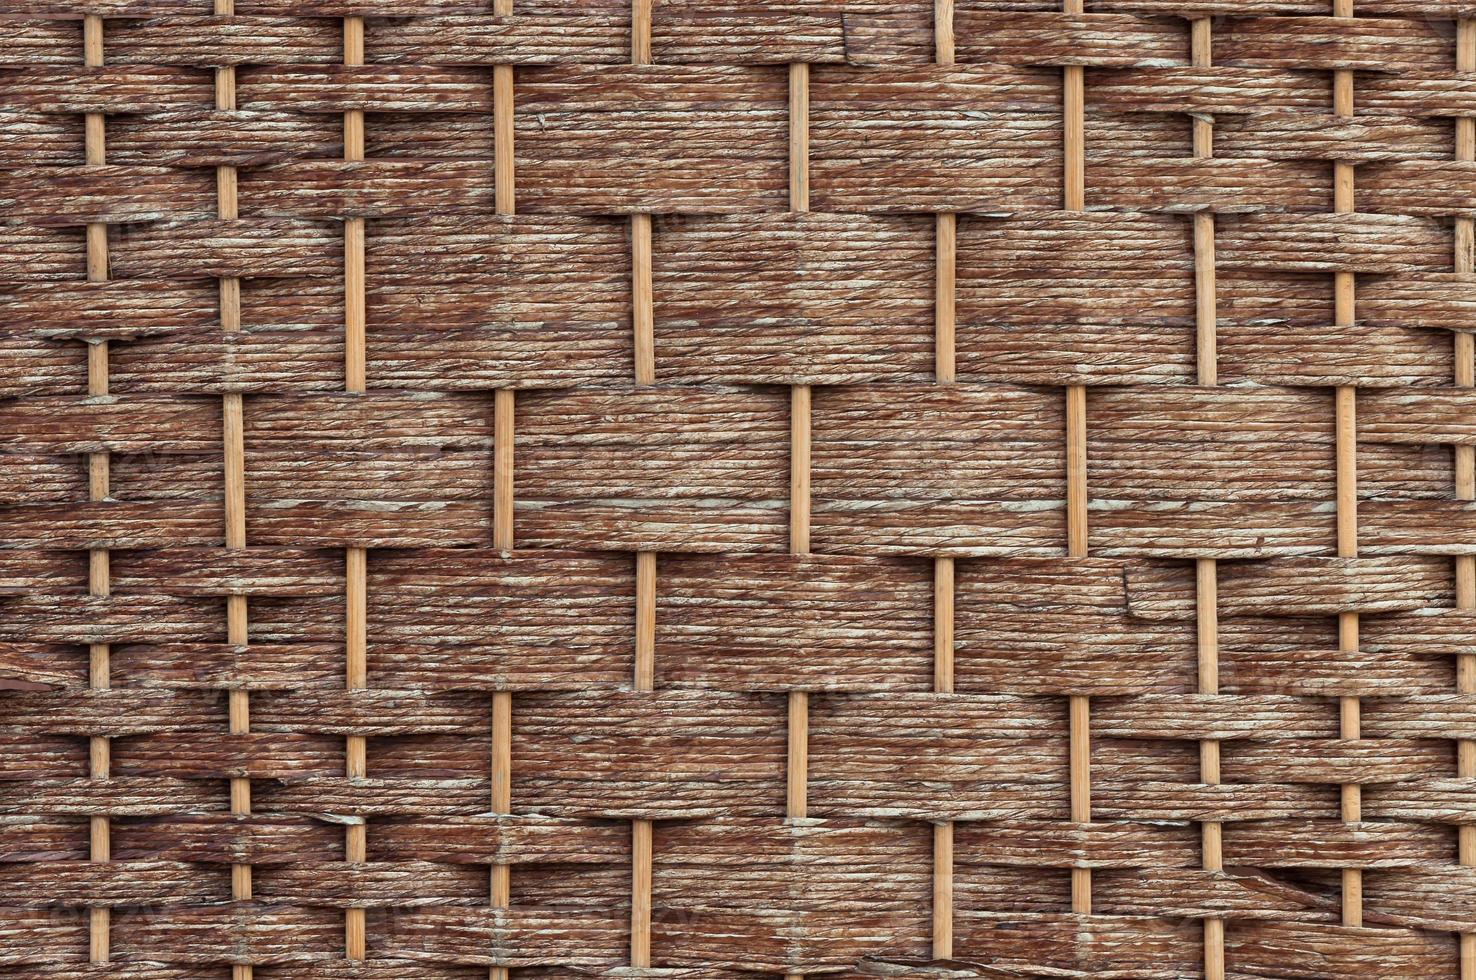 gewebte Textur foto